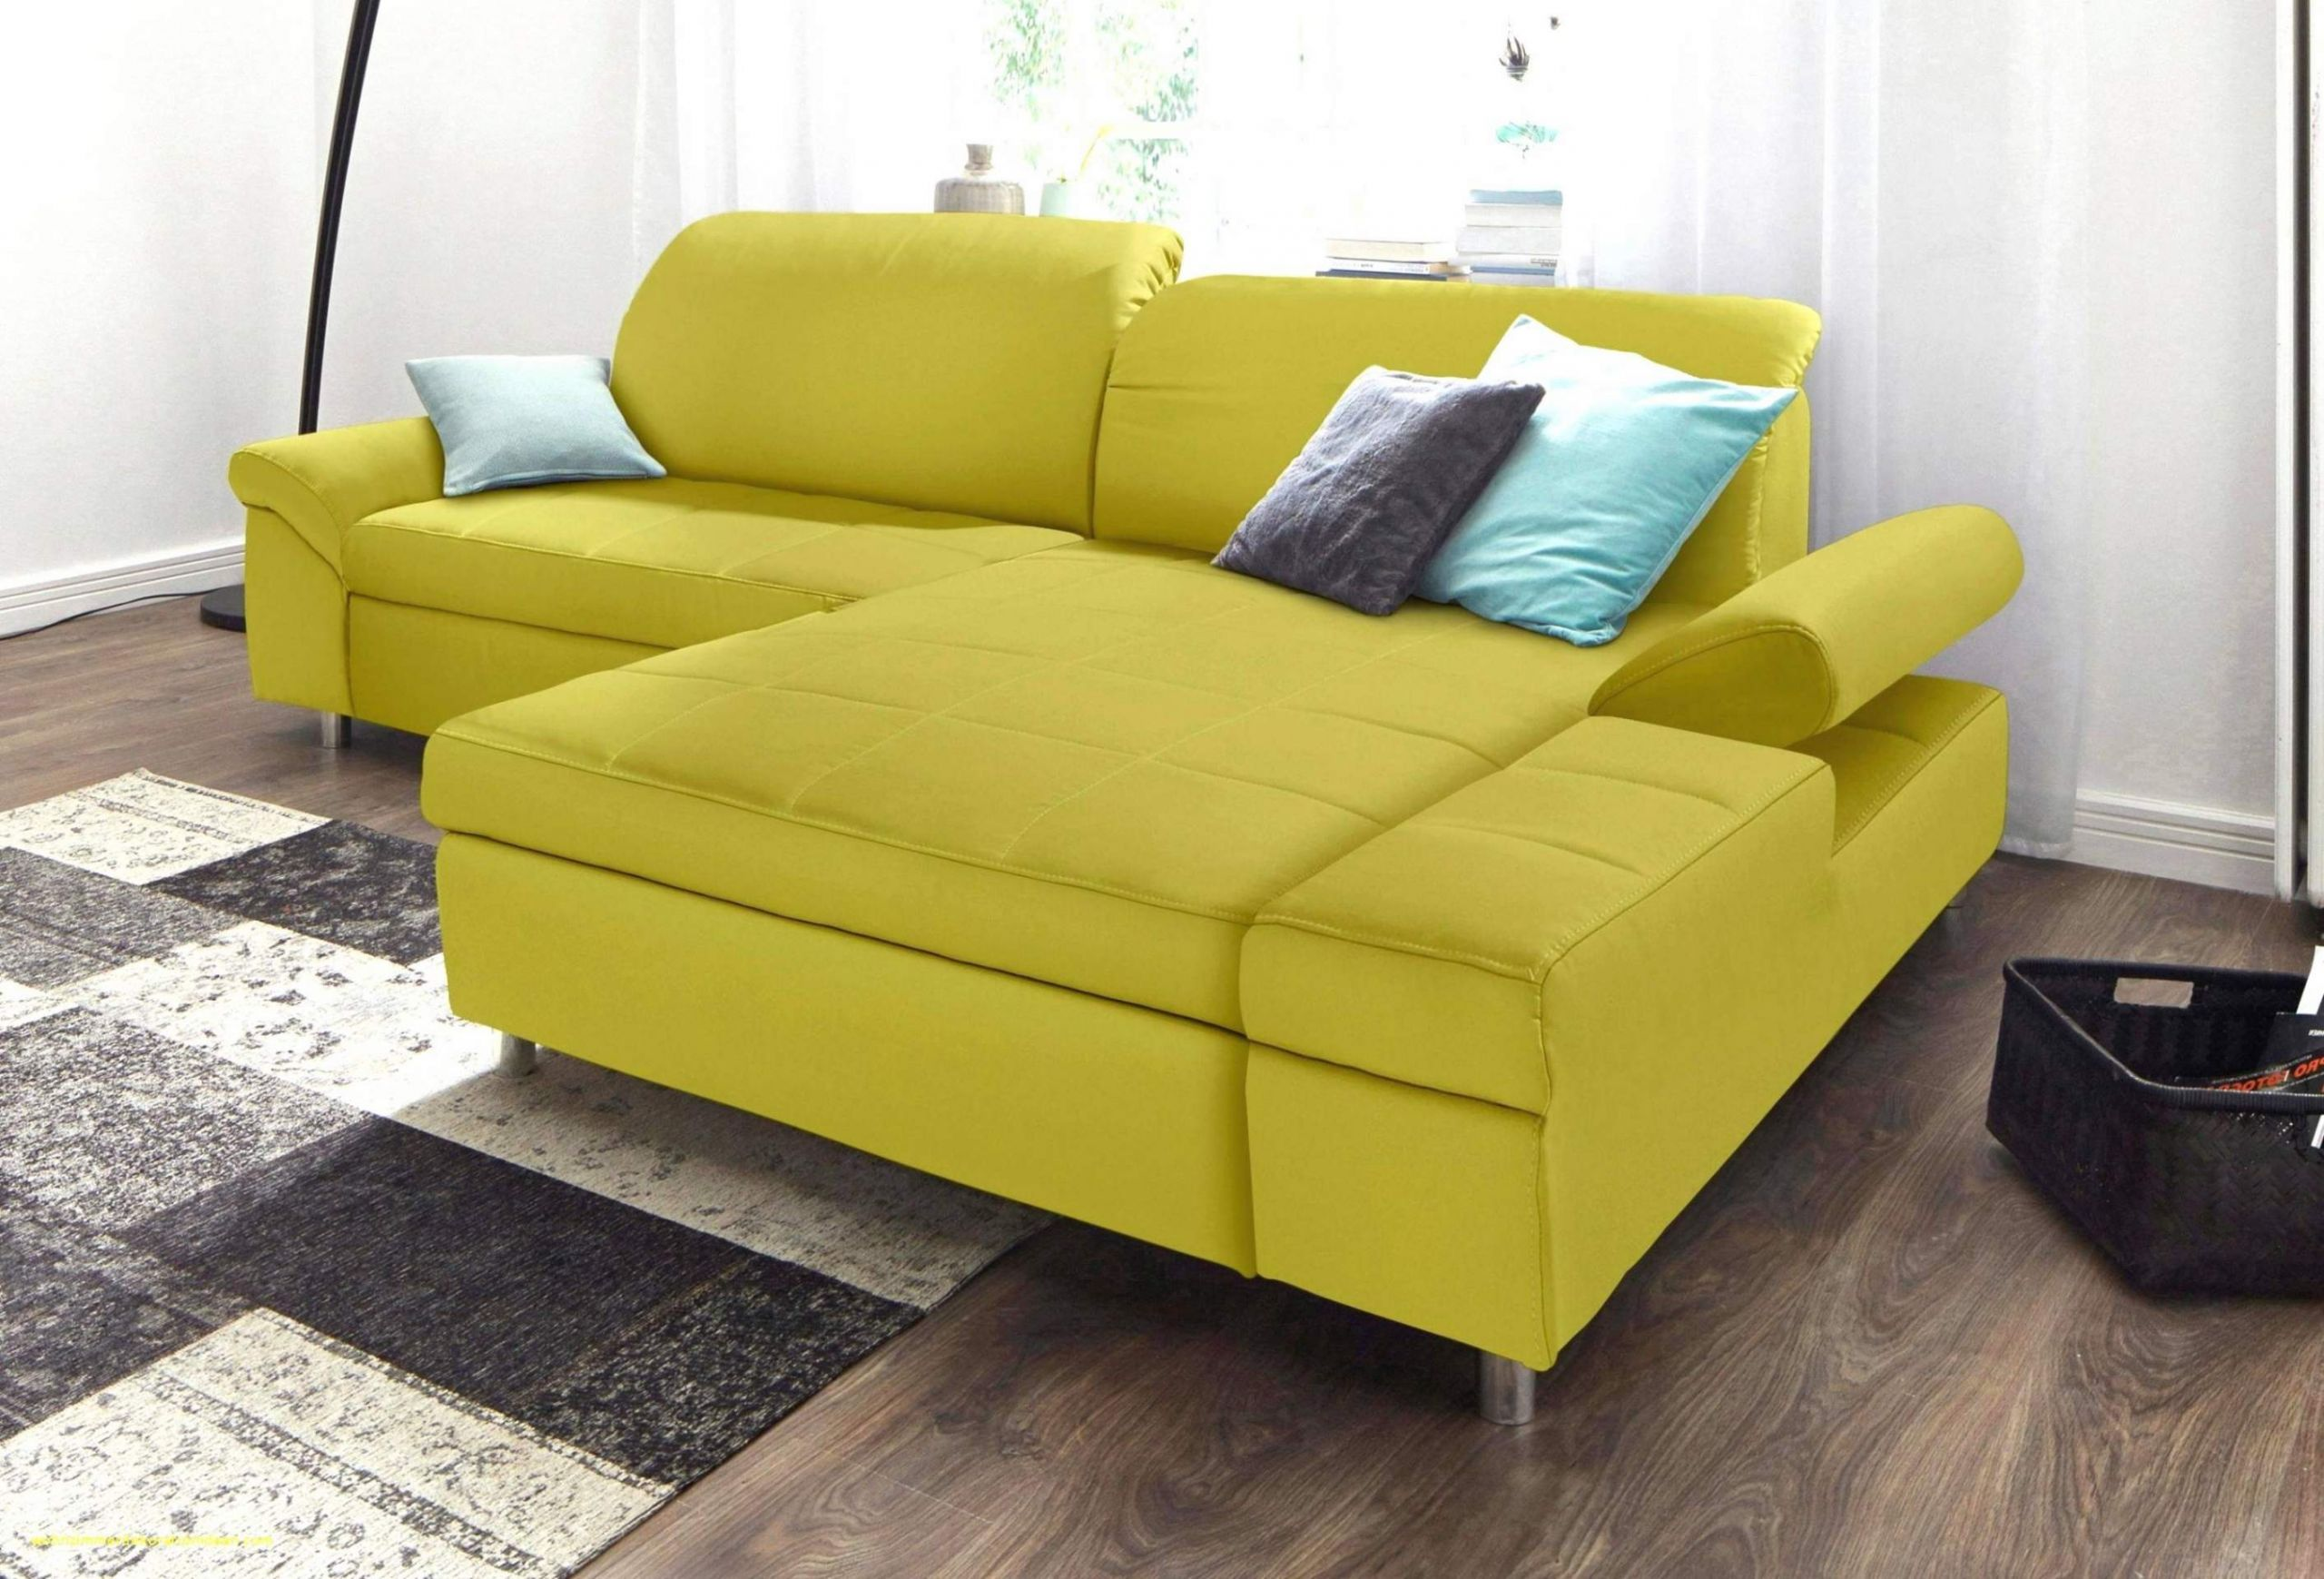 Loungemöbel Garten Einzigartig Möbel Für Kleine Räume — Temobardz Home Blog